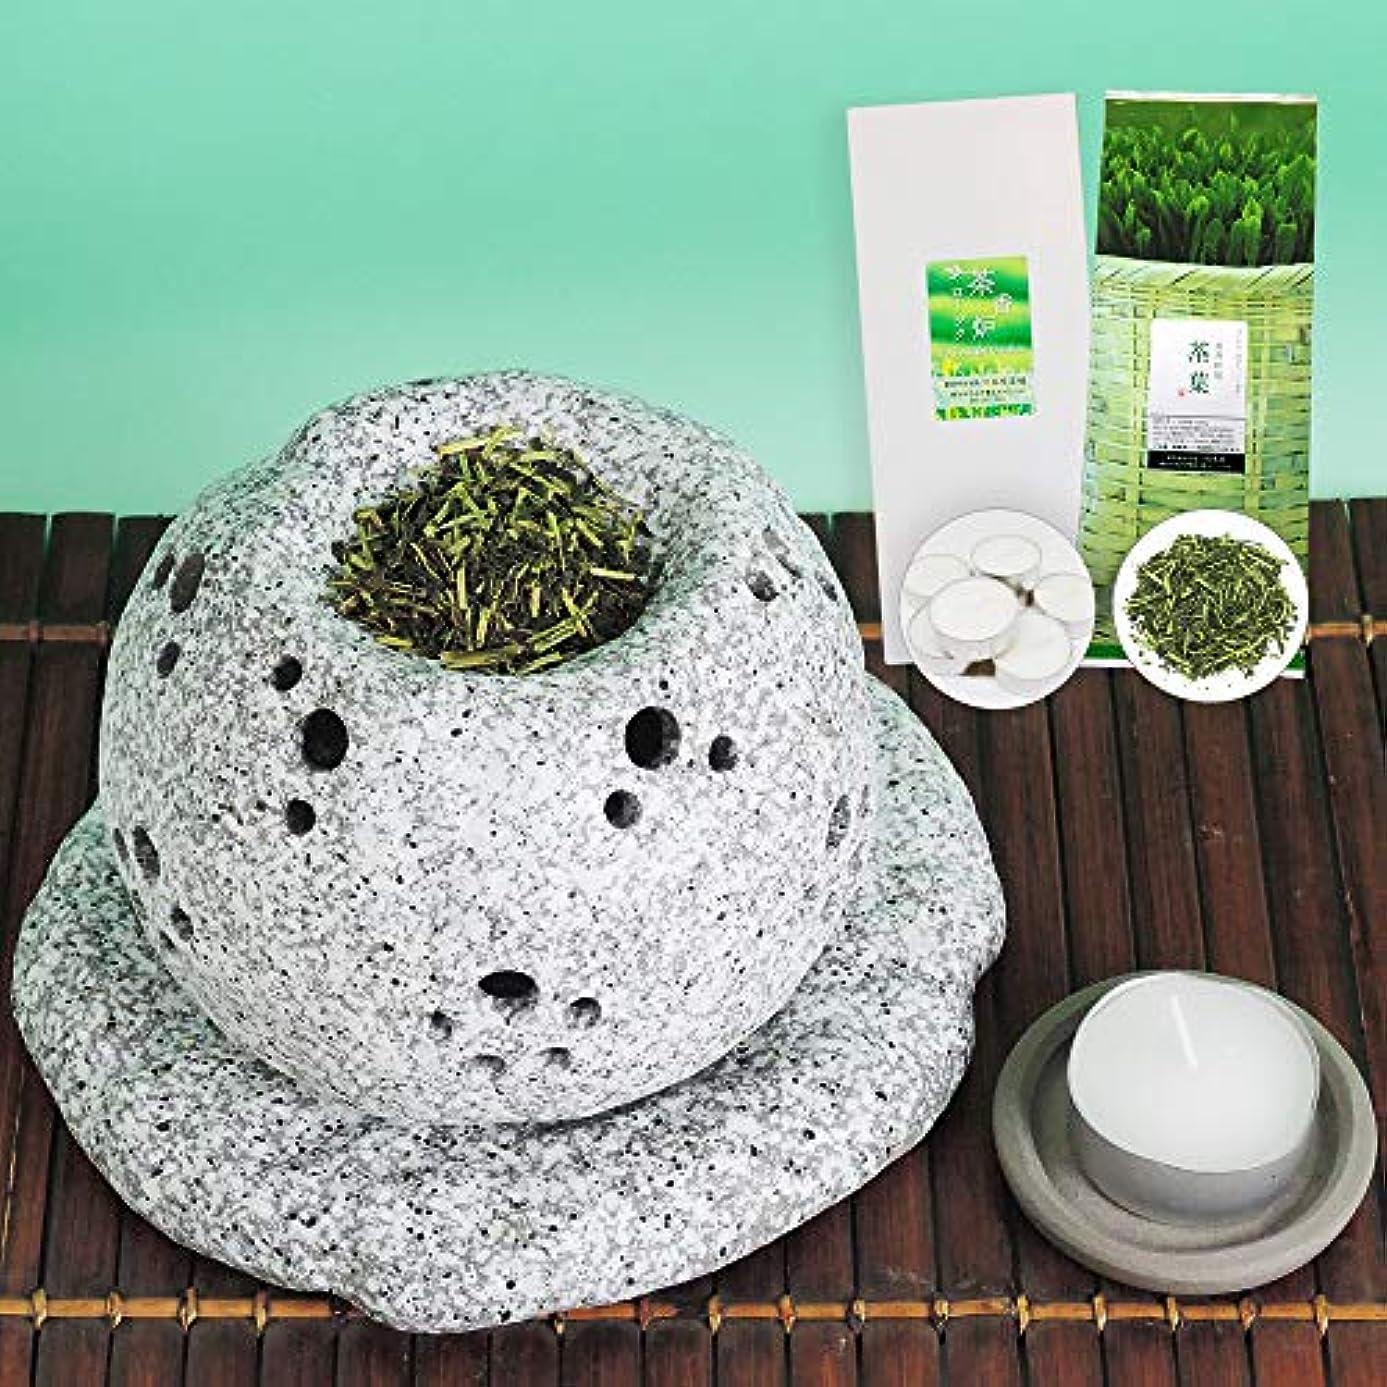 合計慣らすずるい元祖 茶香炉セット 茶香炉専用茶葉&ローソク付 川本屋茶舗